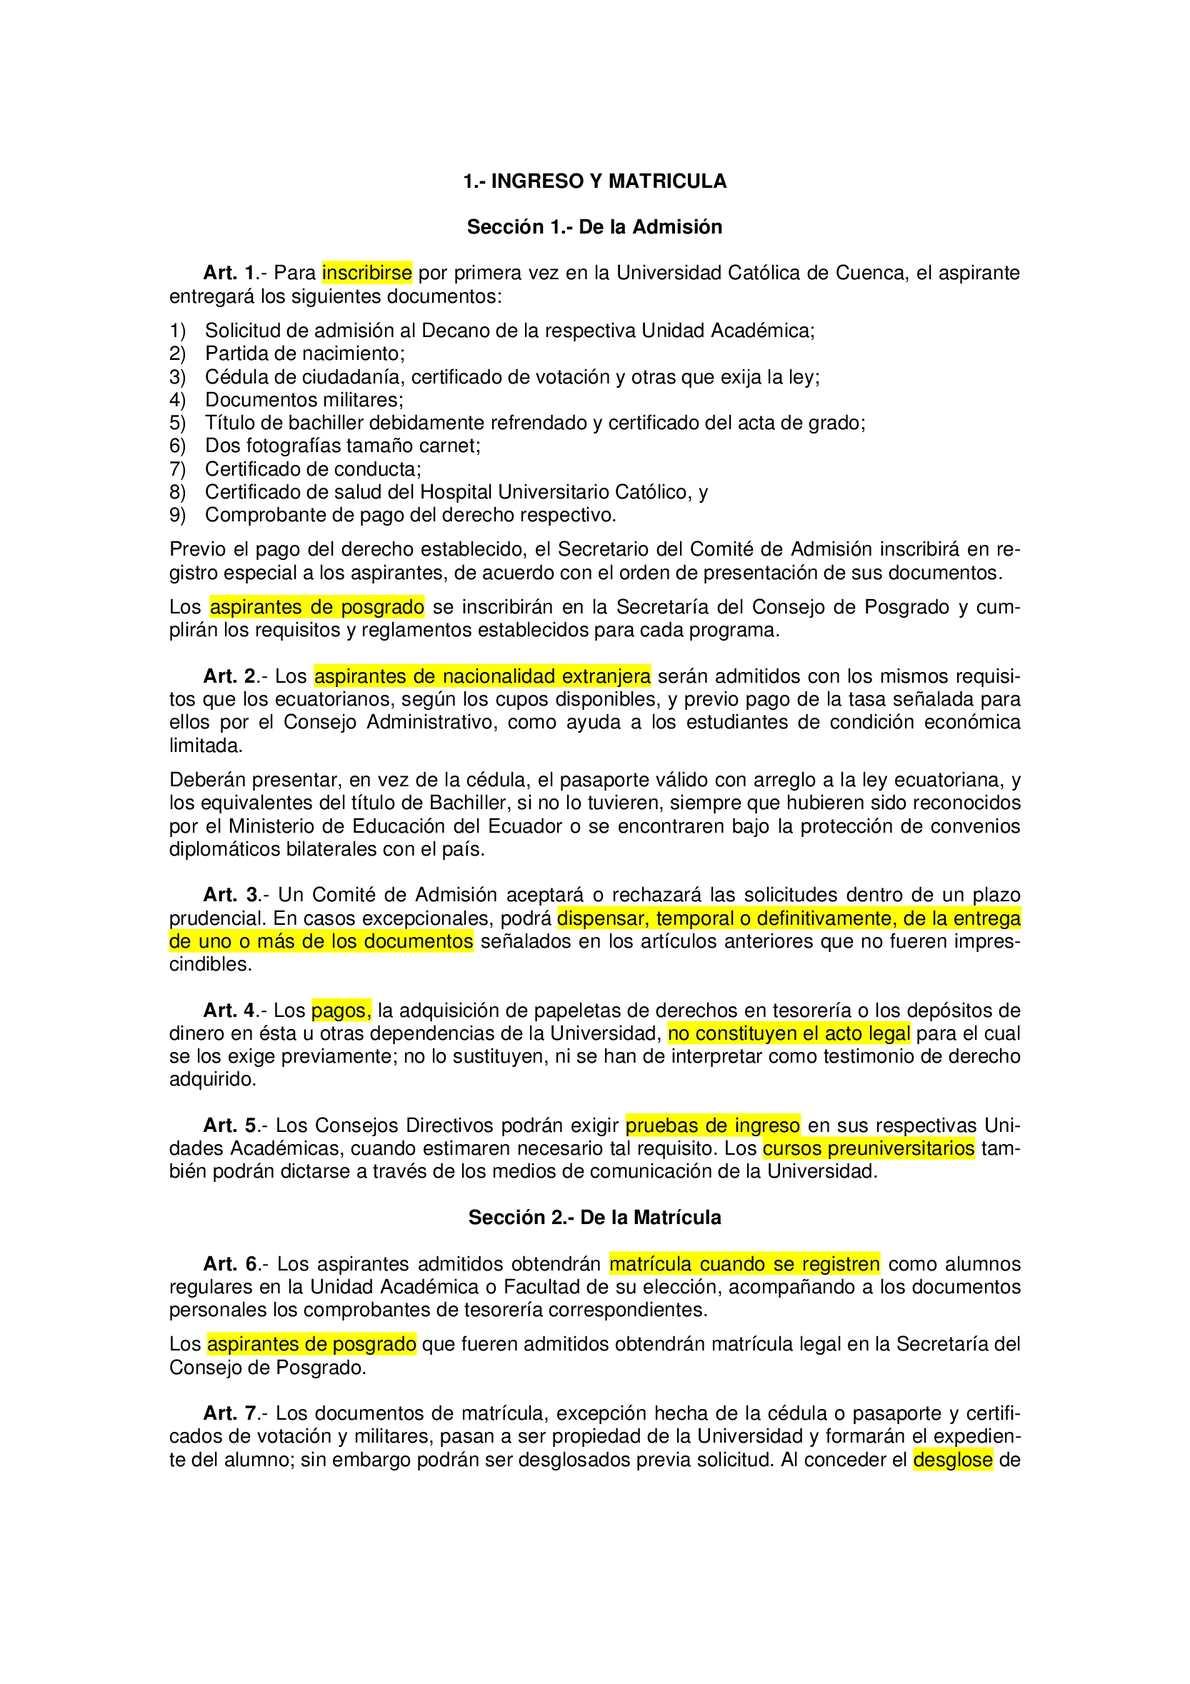 Calaméo - Deberes y Derechos de la Universidad Católica de Cuenca ...